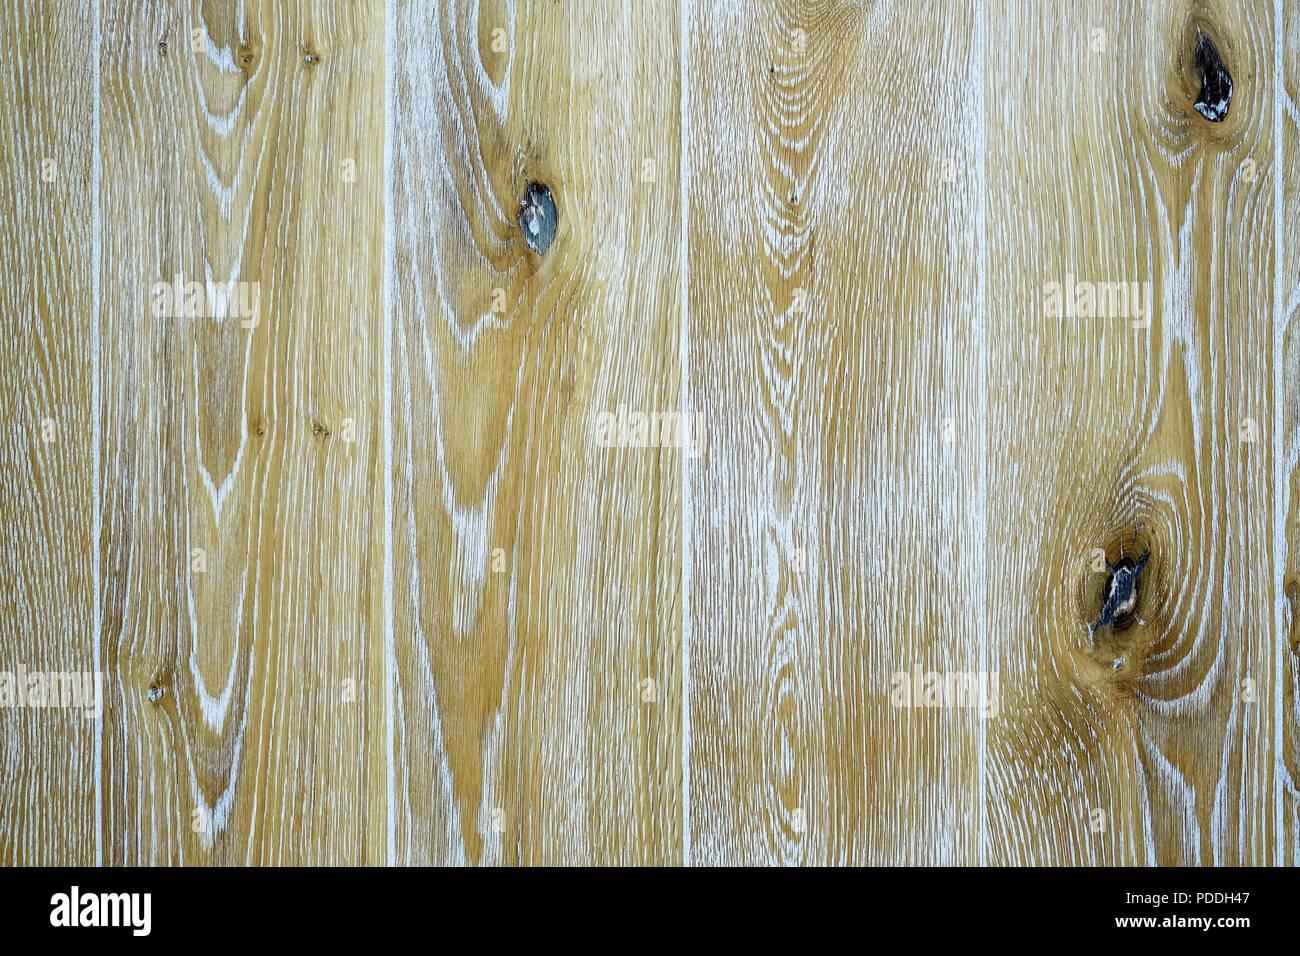 Legno Naturale Chiaro : Parquet rovere chiaro legno texture con schema naturale sullo